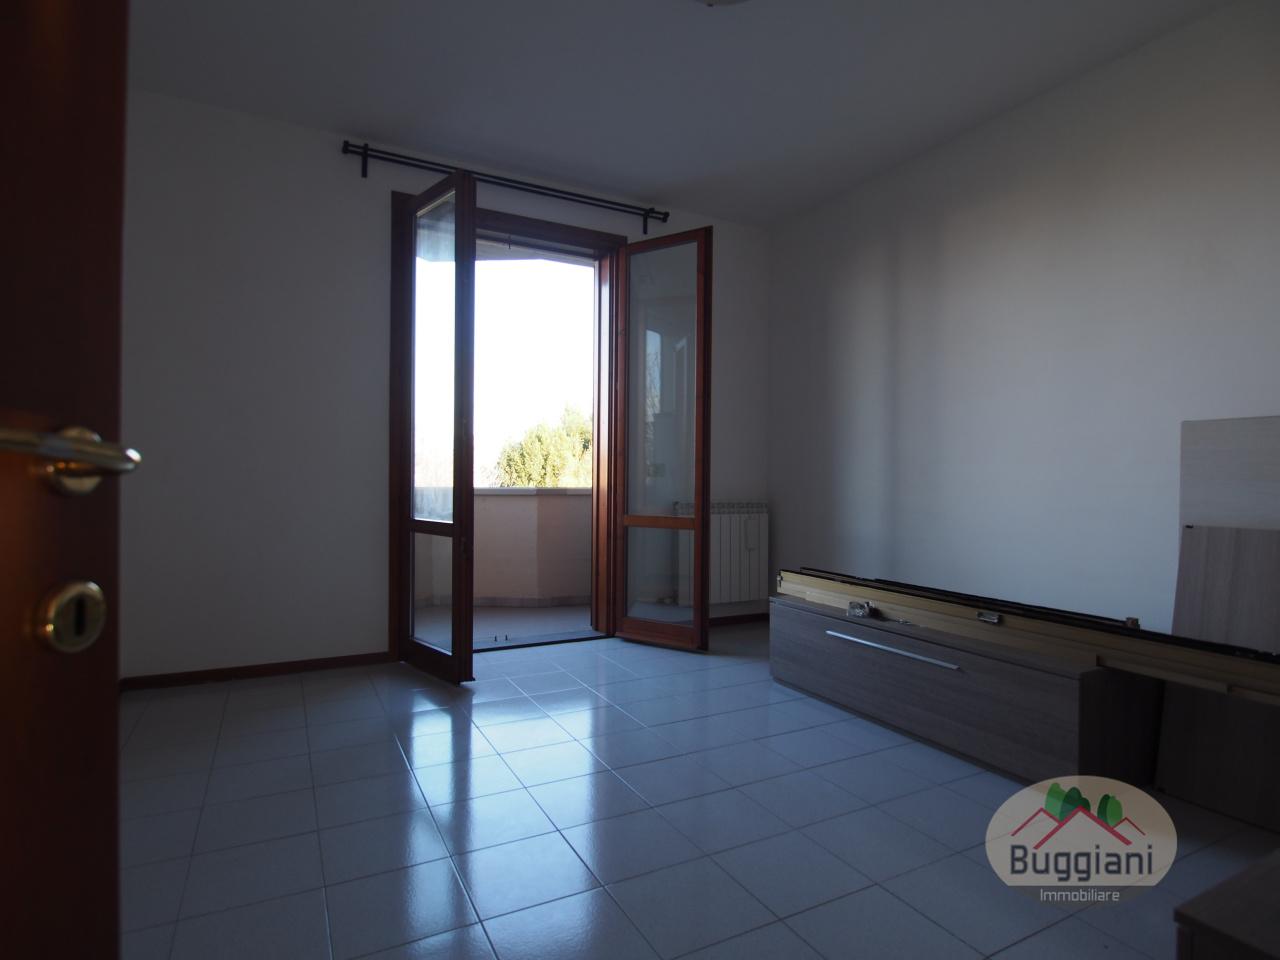 Appartamento in vendita RIF. 1668, San Miniato (PI)